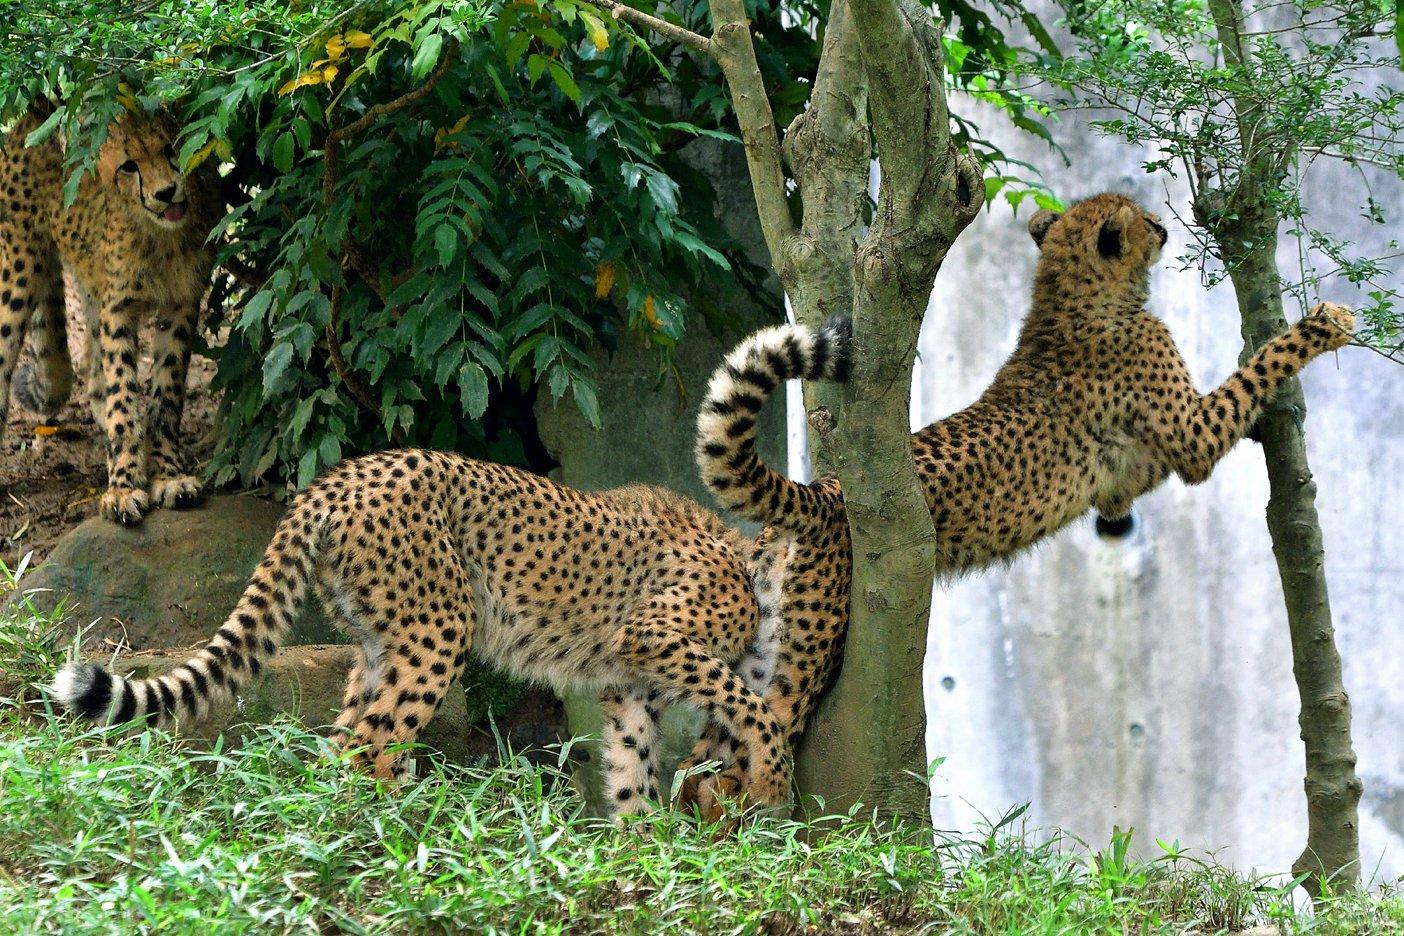 木の又に挟まれたが もがいて脱出に成功です。 #多摩動物公園